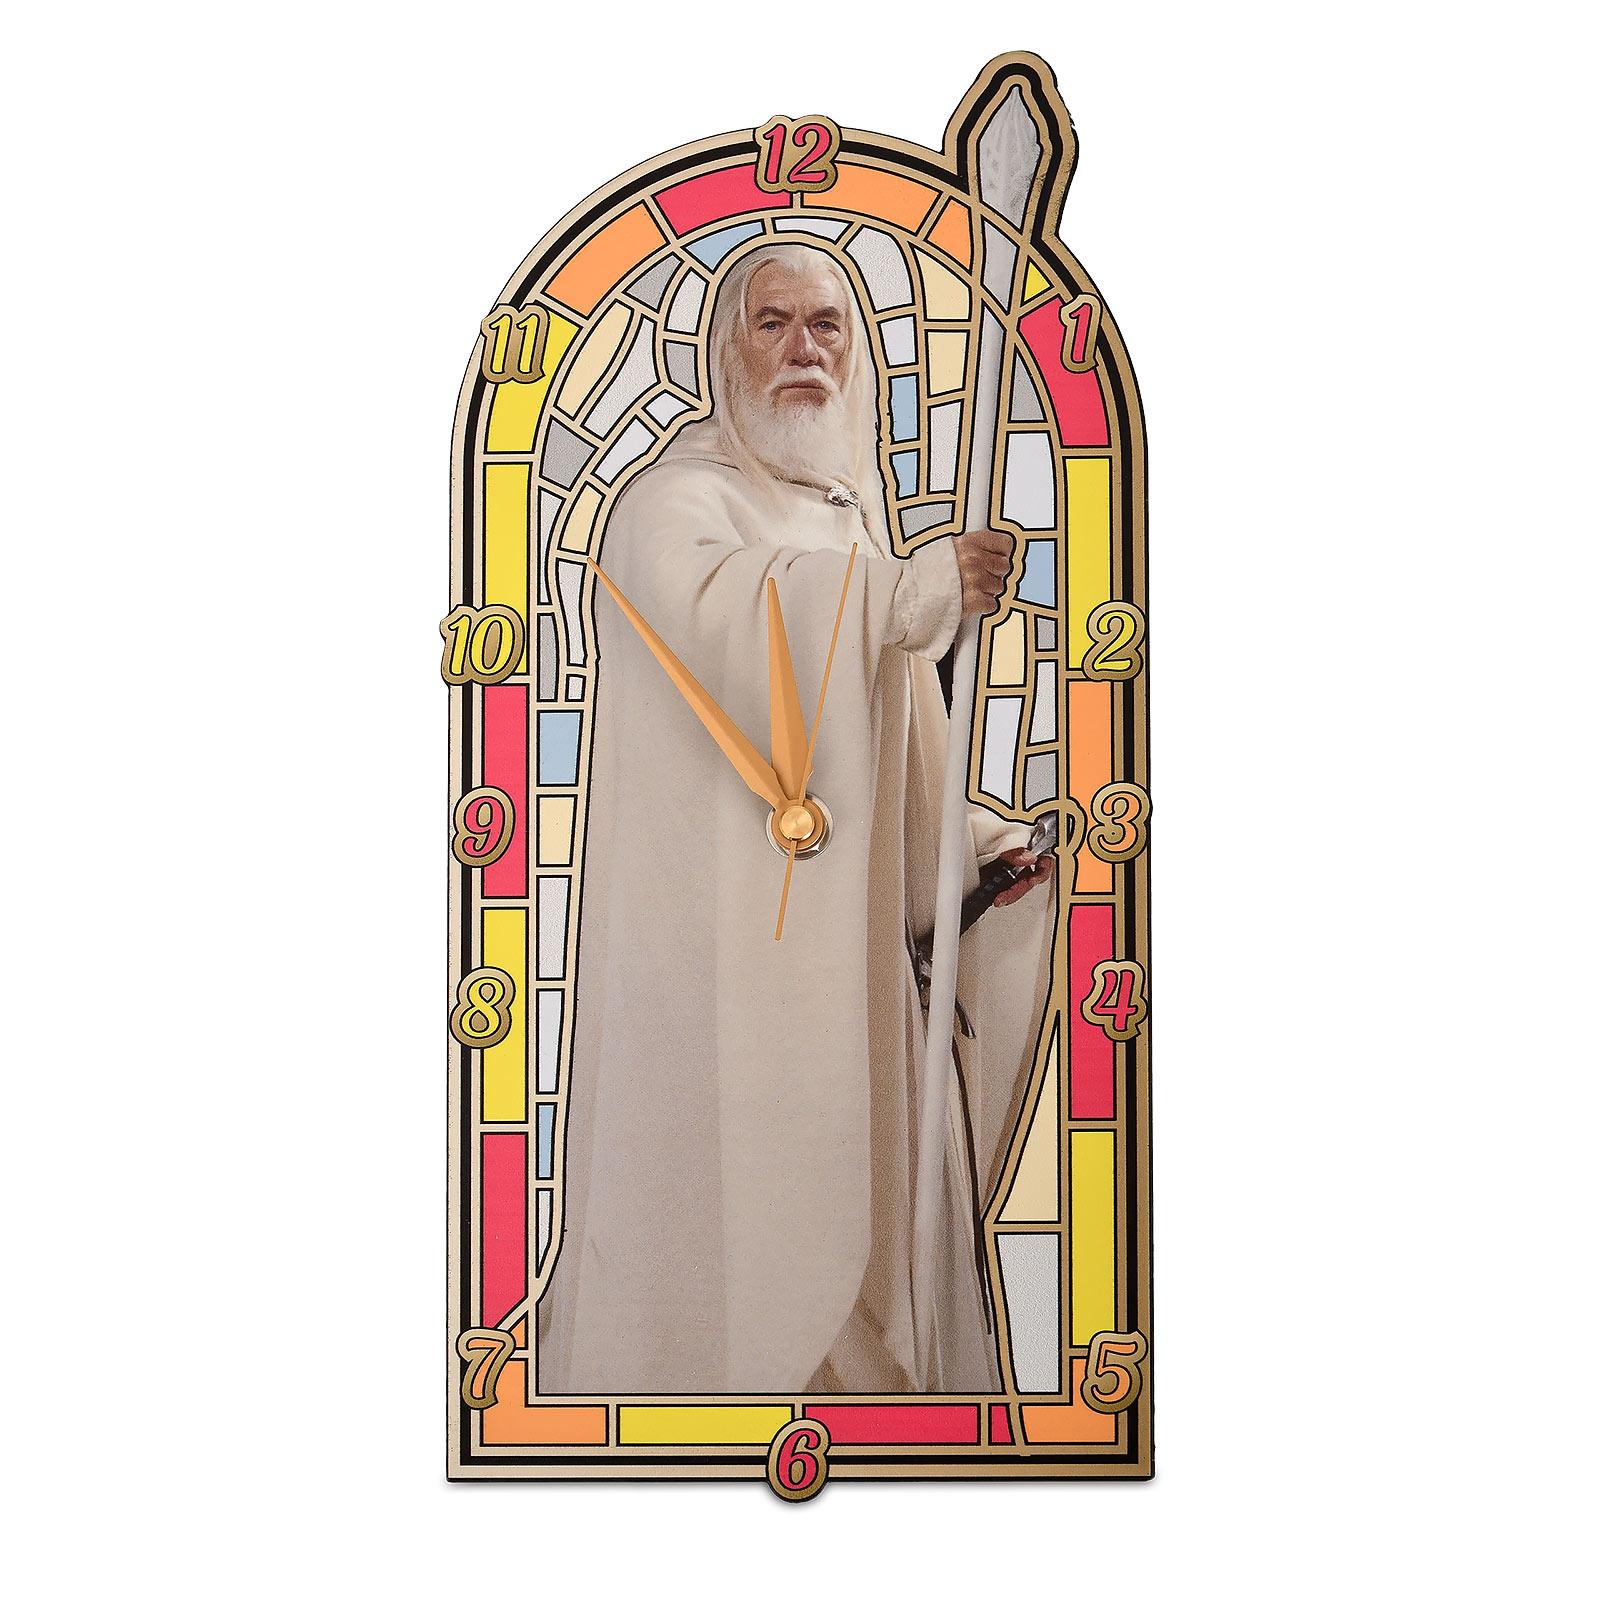 Herr der Ringe - Gandalf Wanduhr